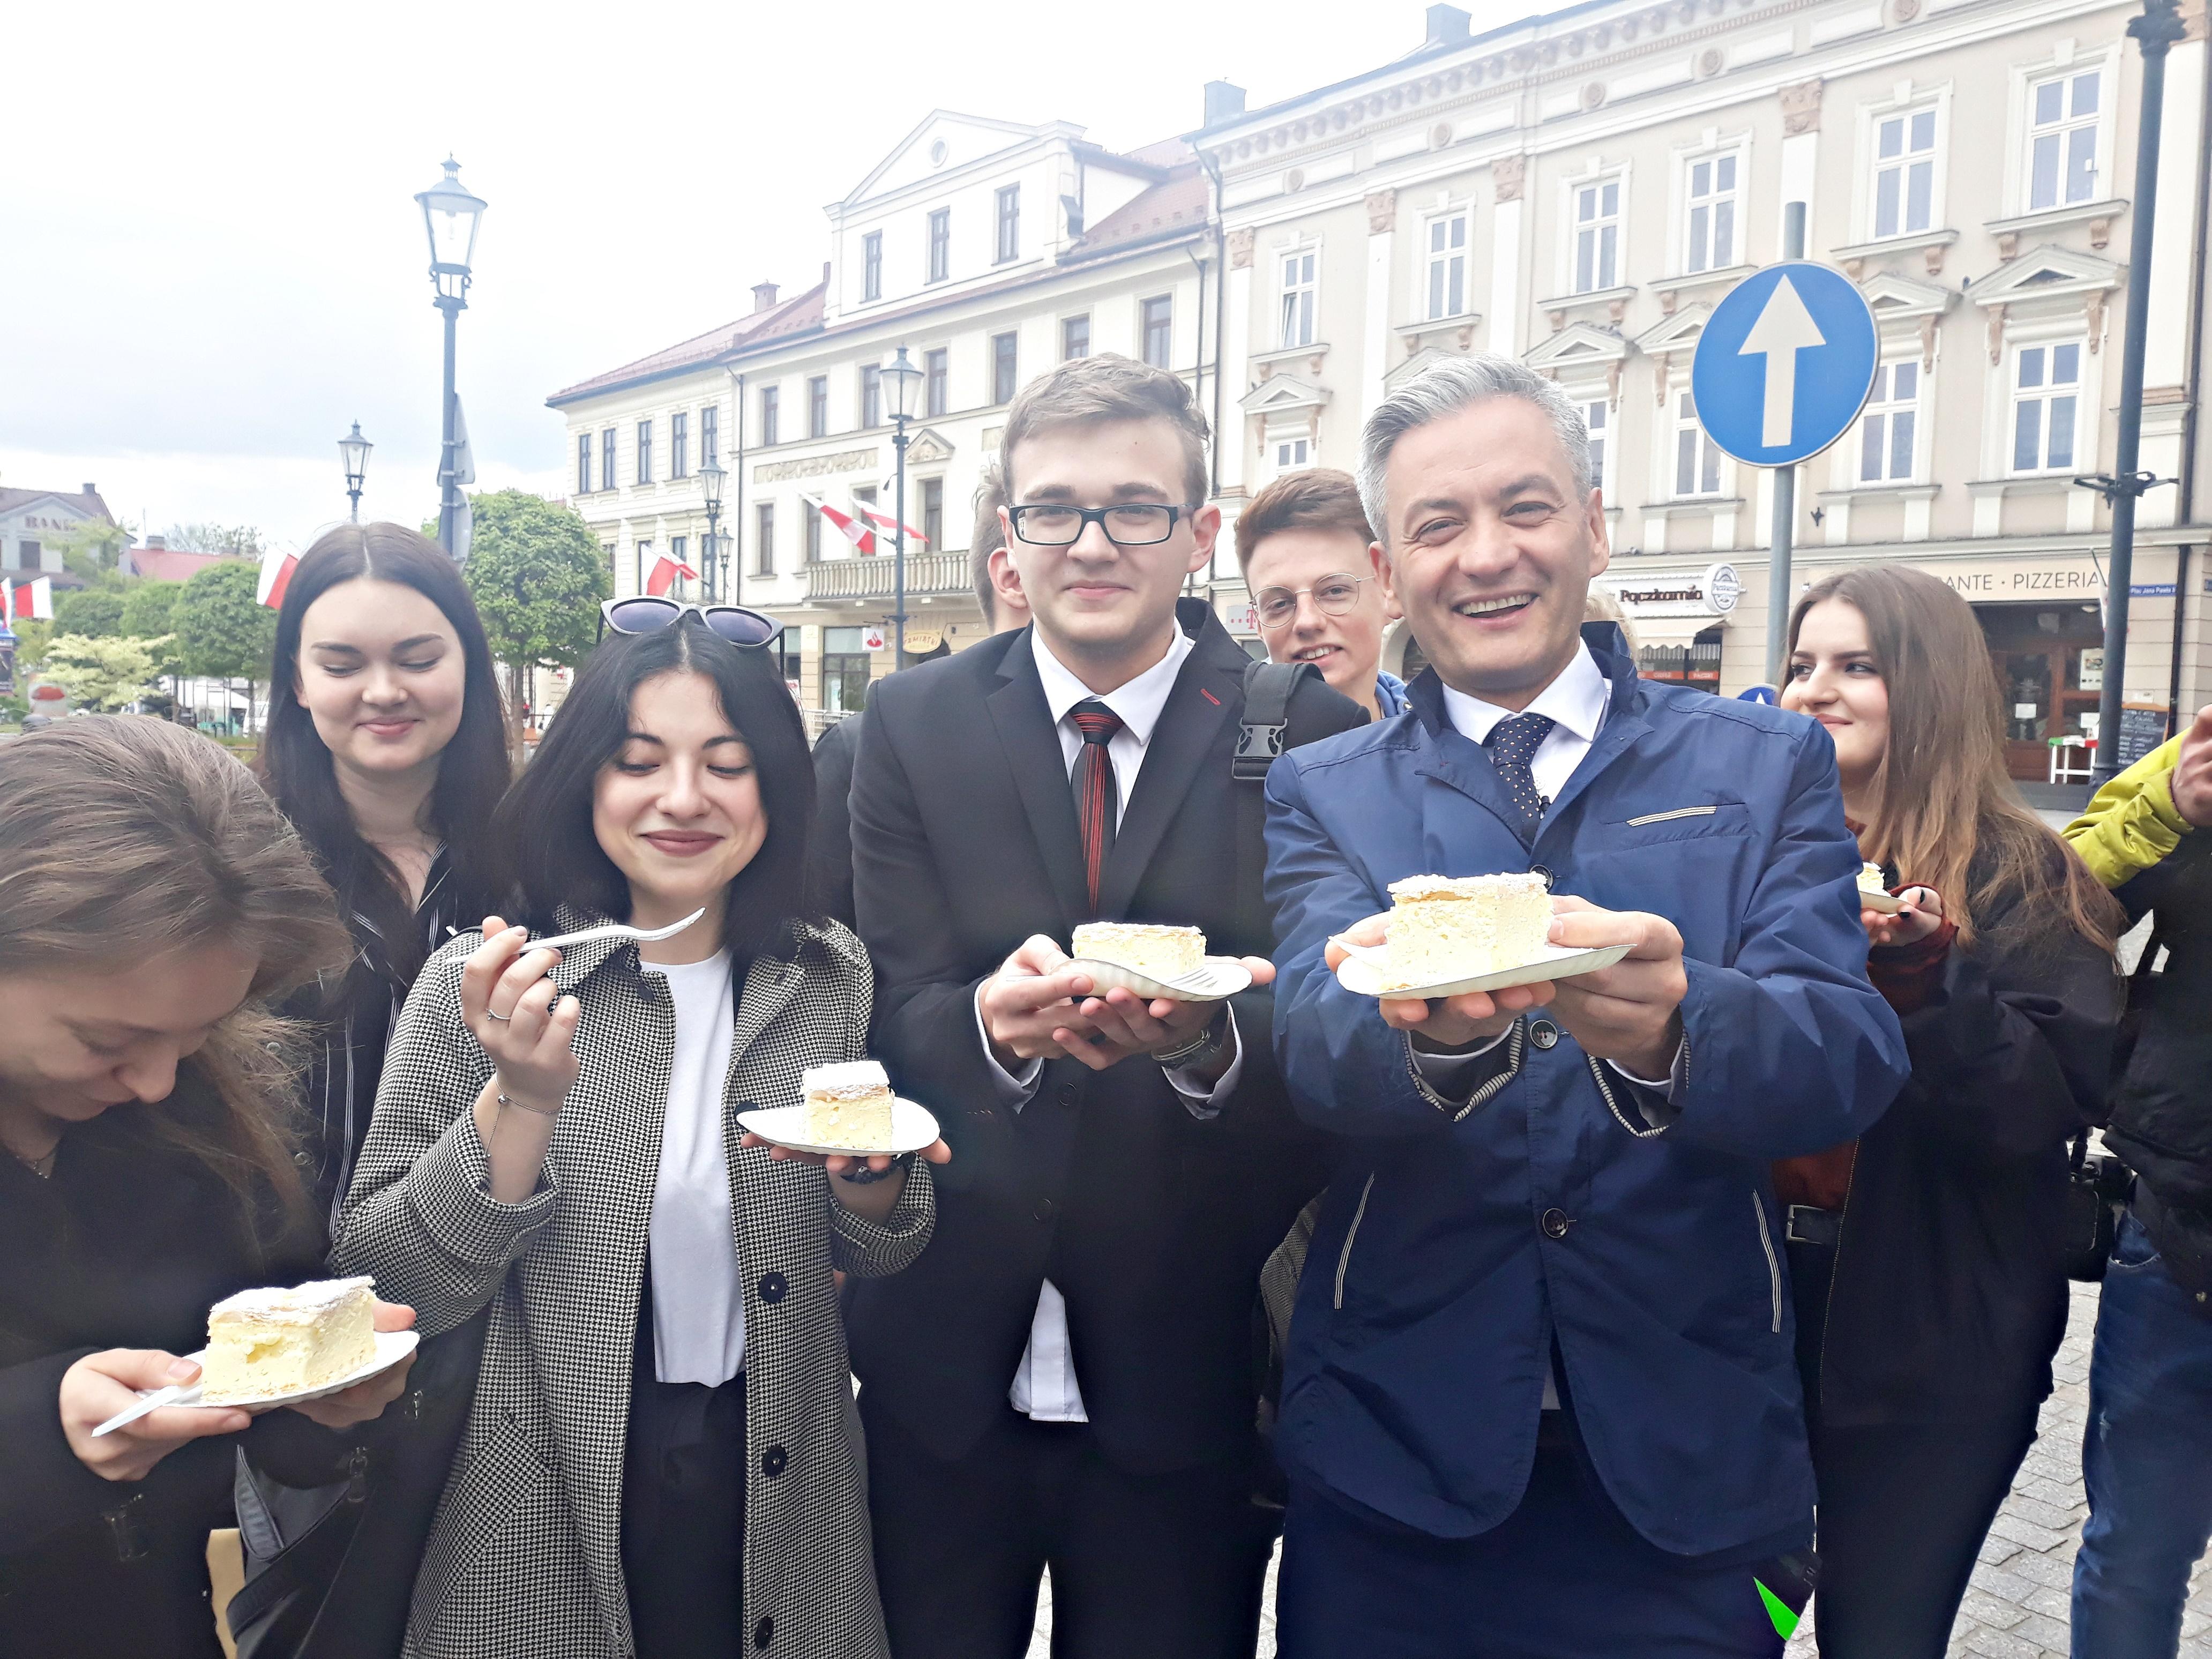 Robert Biedroń na kremówce w Wadowicach. Co sądzi o wadowickiej komunikacji miejskiej? [FOTO]